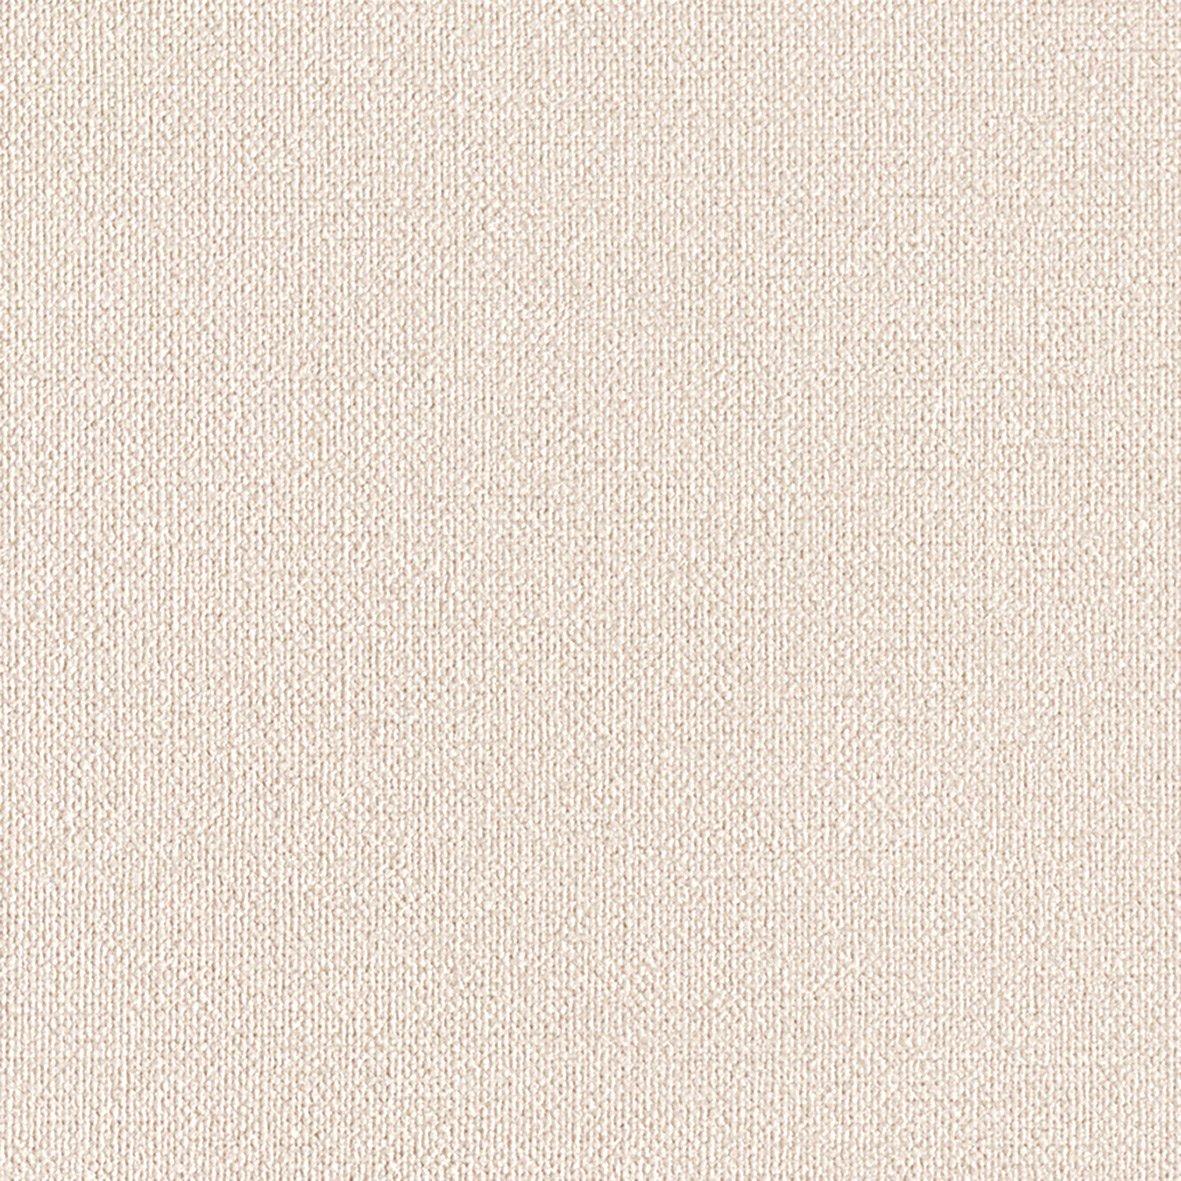 誠実 リリカラ 壁紙34m 34m ベージュ B01ihtbl8u Lv 6047 織物調